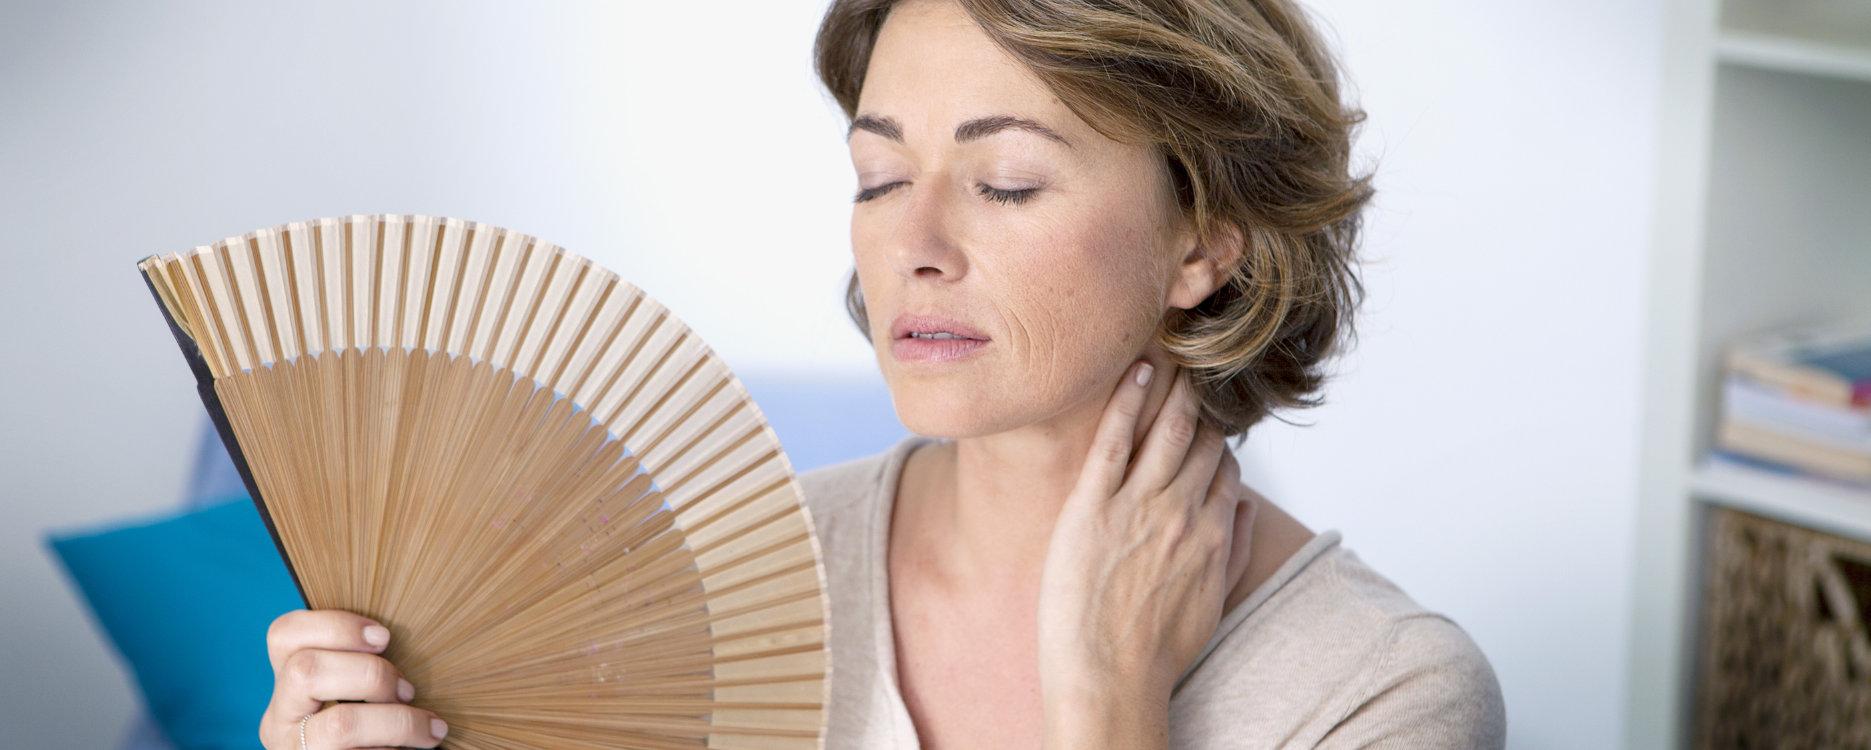 les symptome de la menaupose